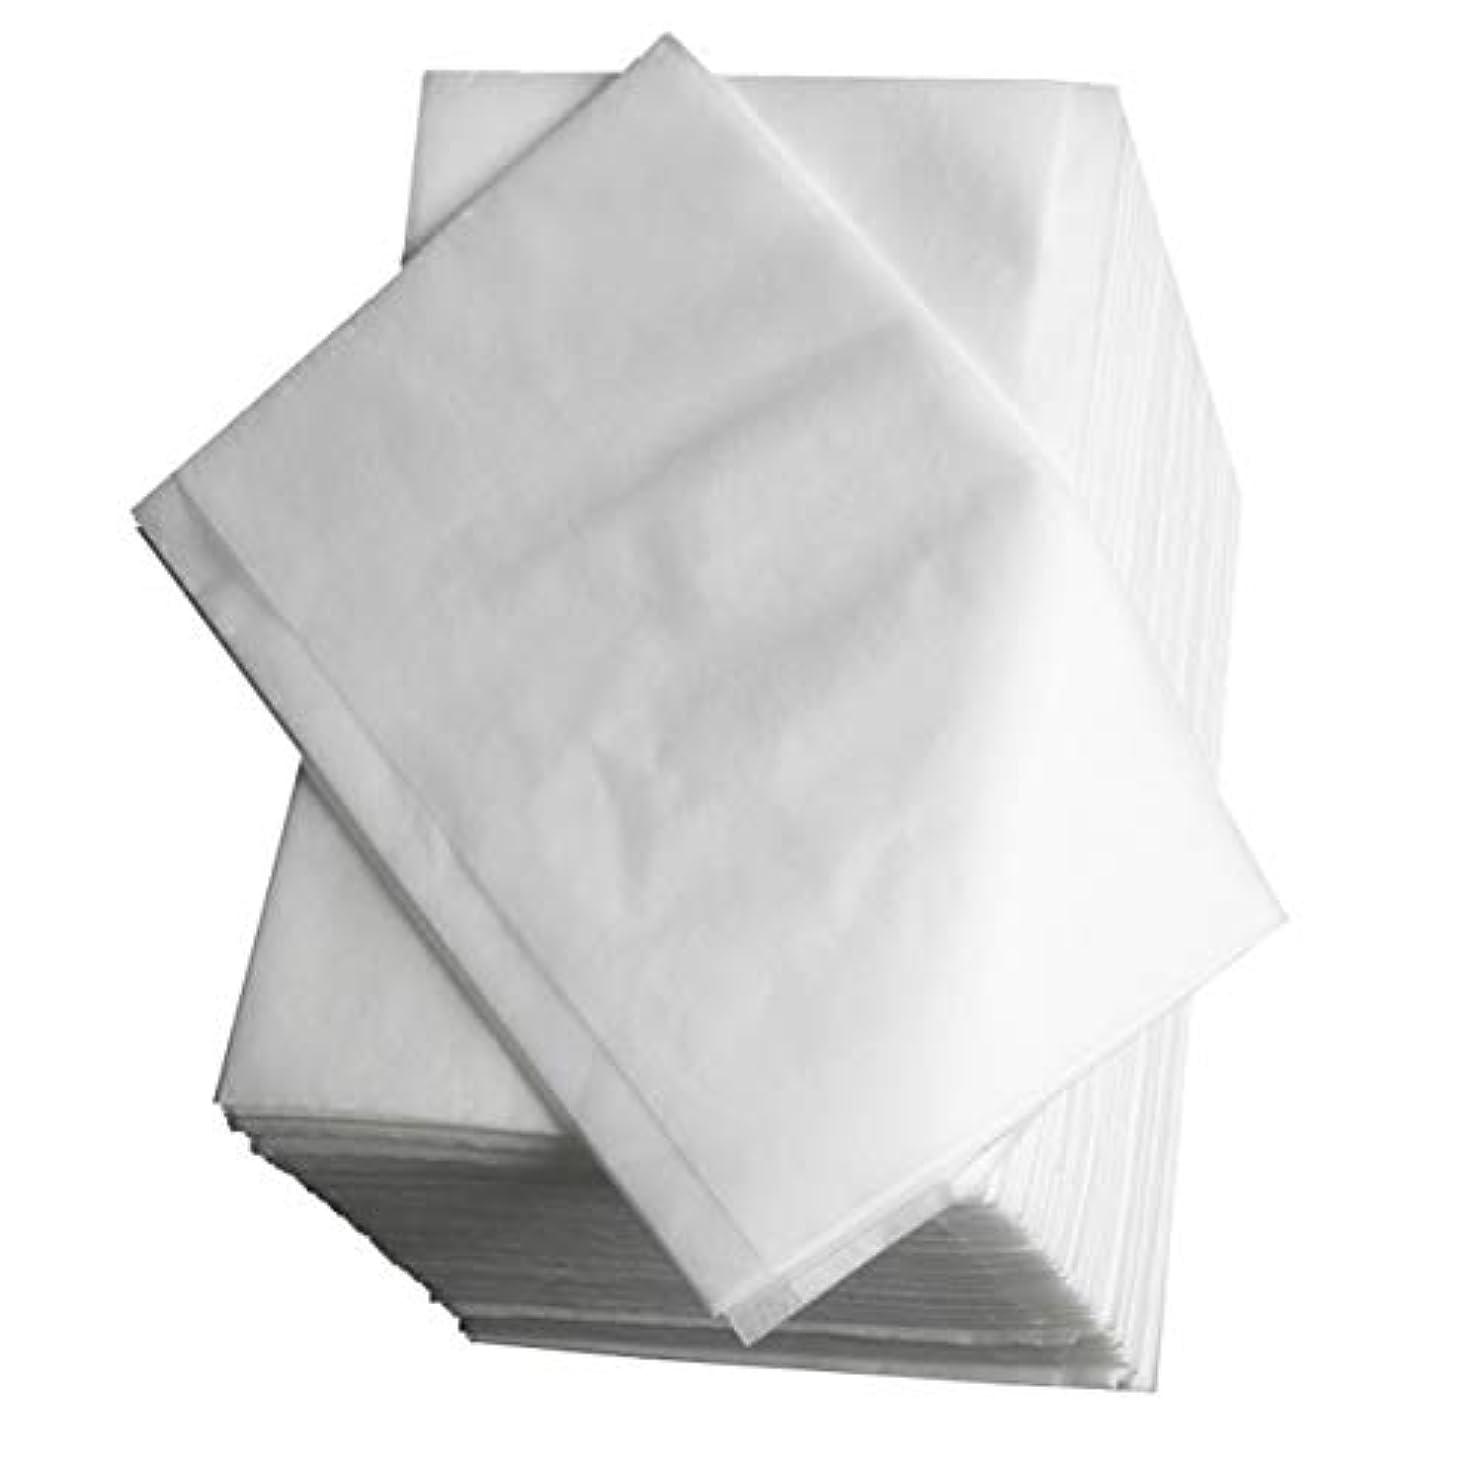 結晶前書き蛇行Disposable Bed Linen Beauty Salon Massage Travel Medical Non-woven Mattress Breathable Antibacterial Anti-infective